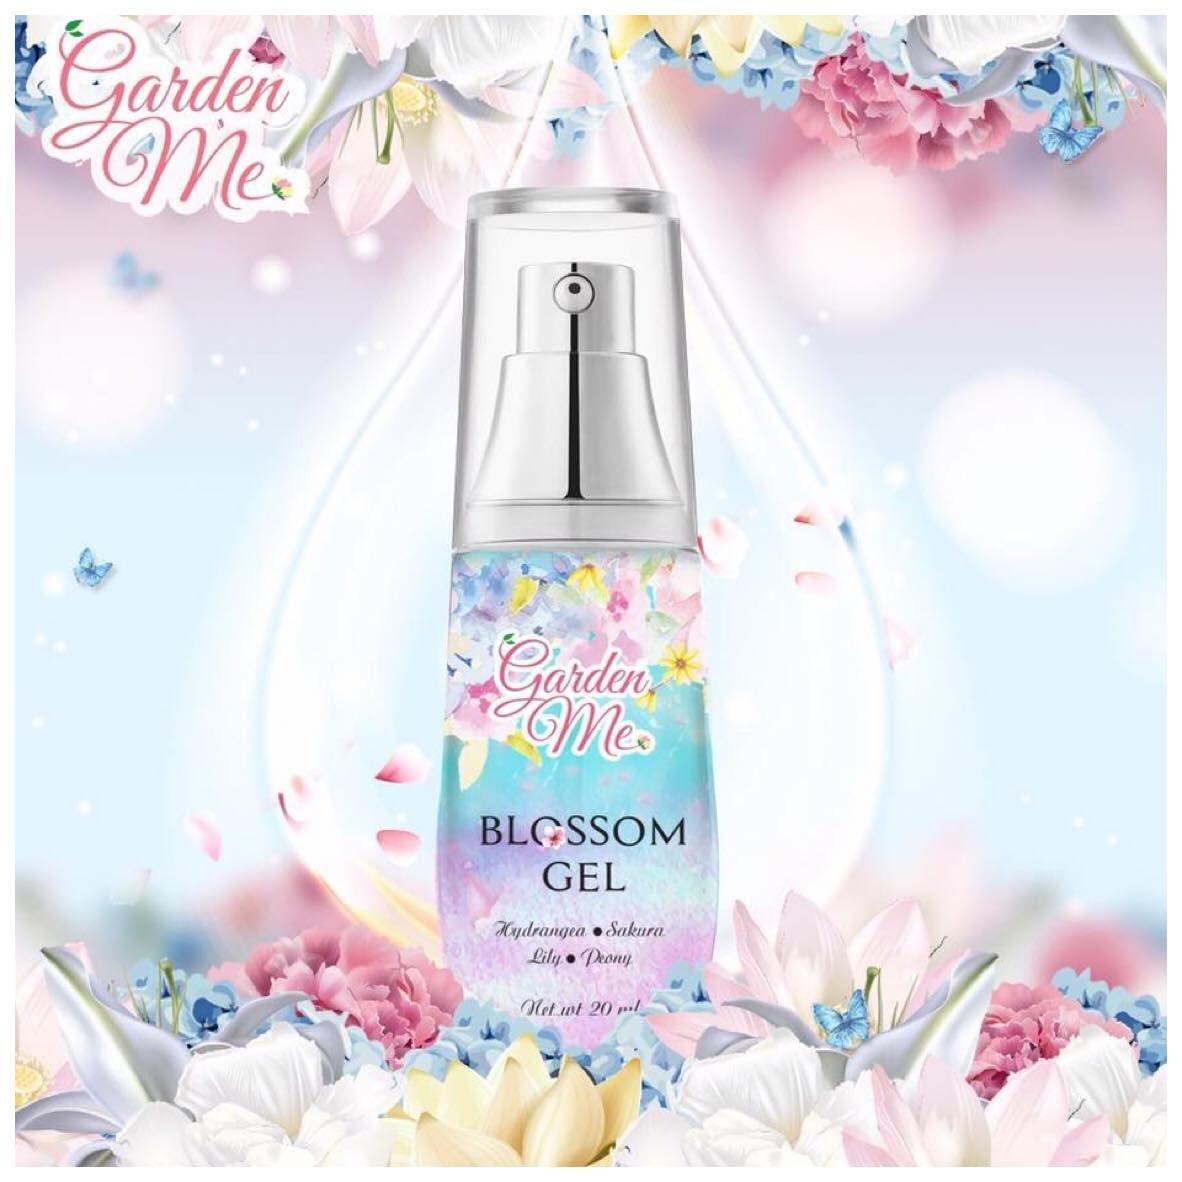 Blossom Gel Reduce wrinkles